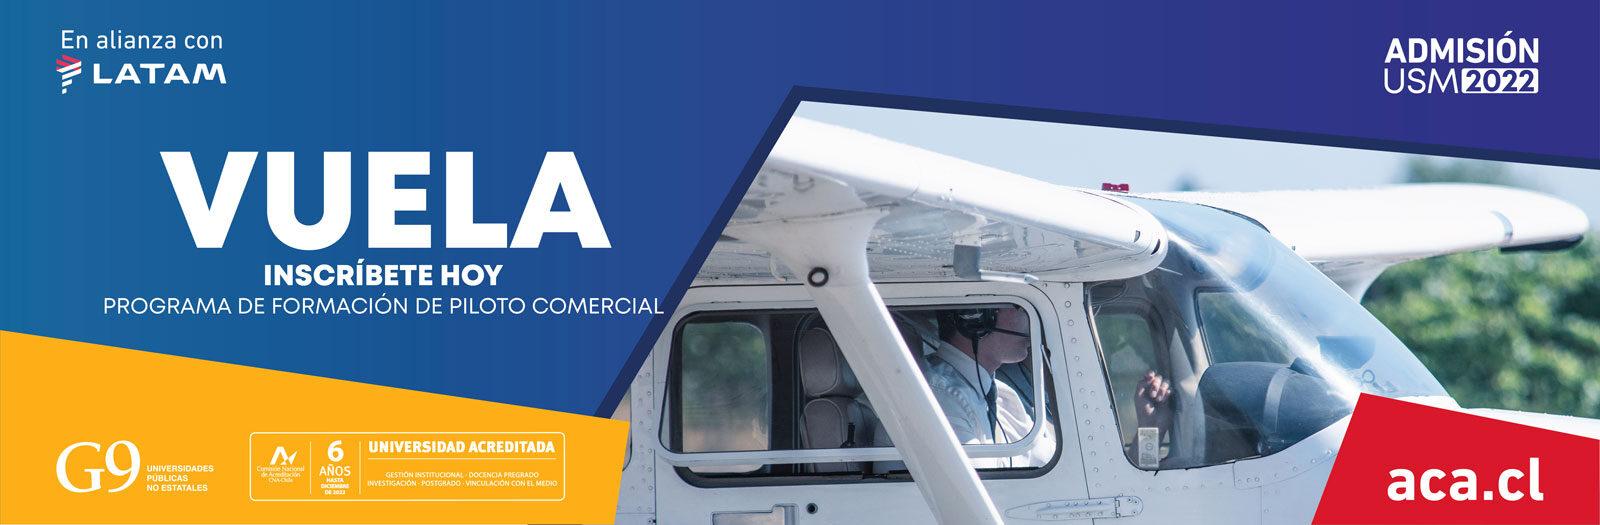 Abierta pre-inscripción Programa de Formación de Piloto Comercial